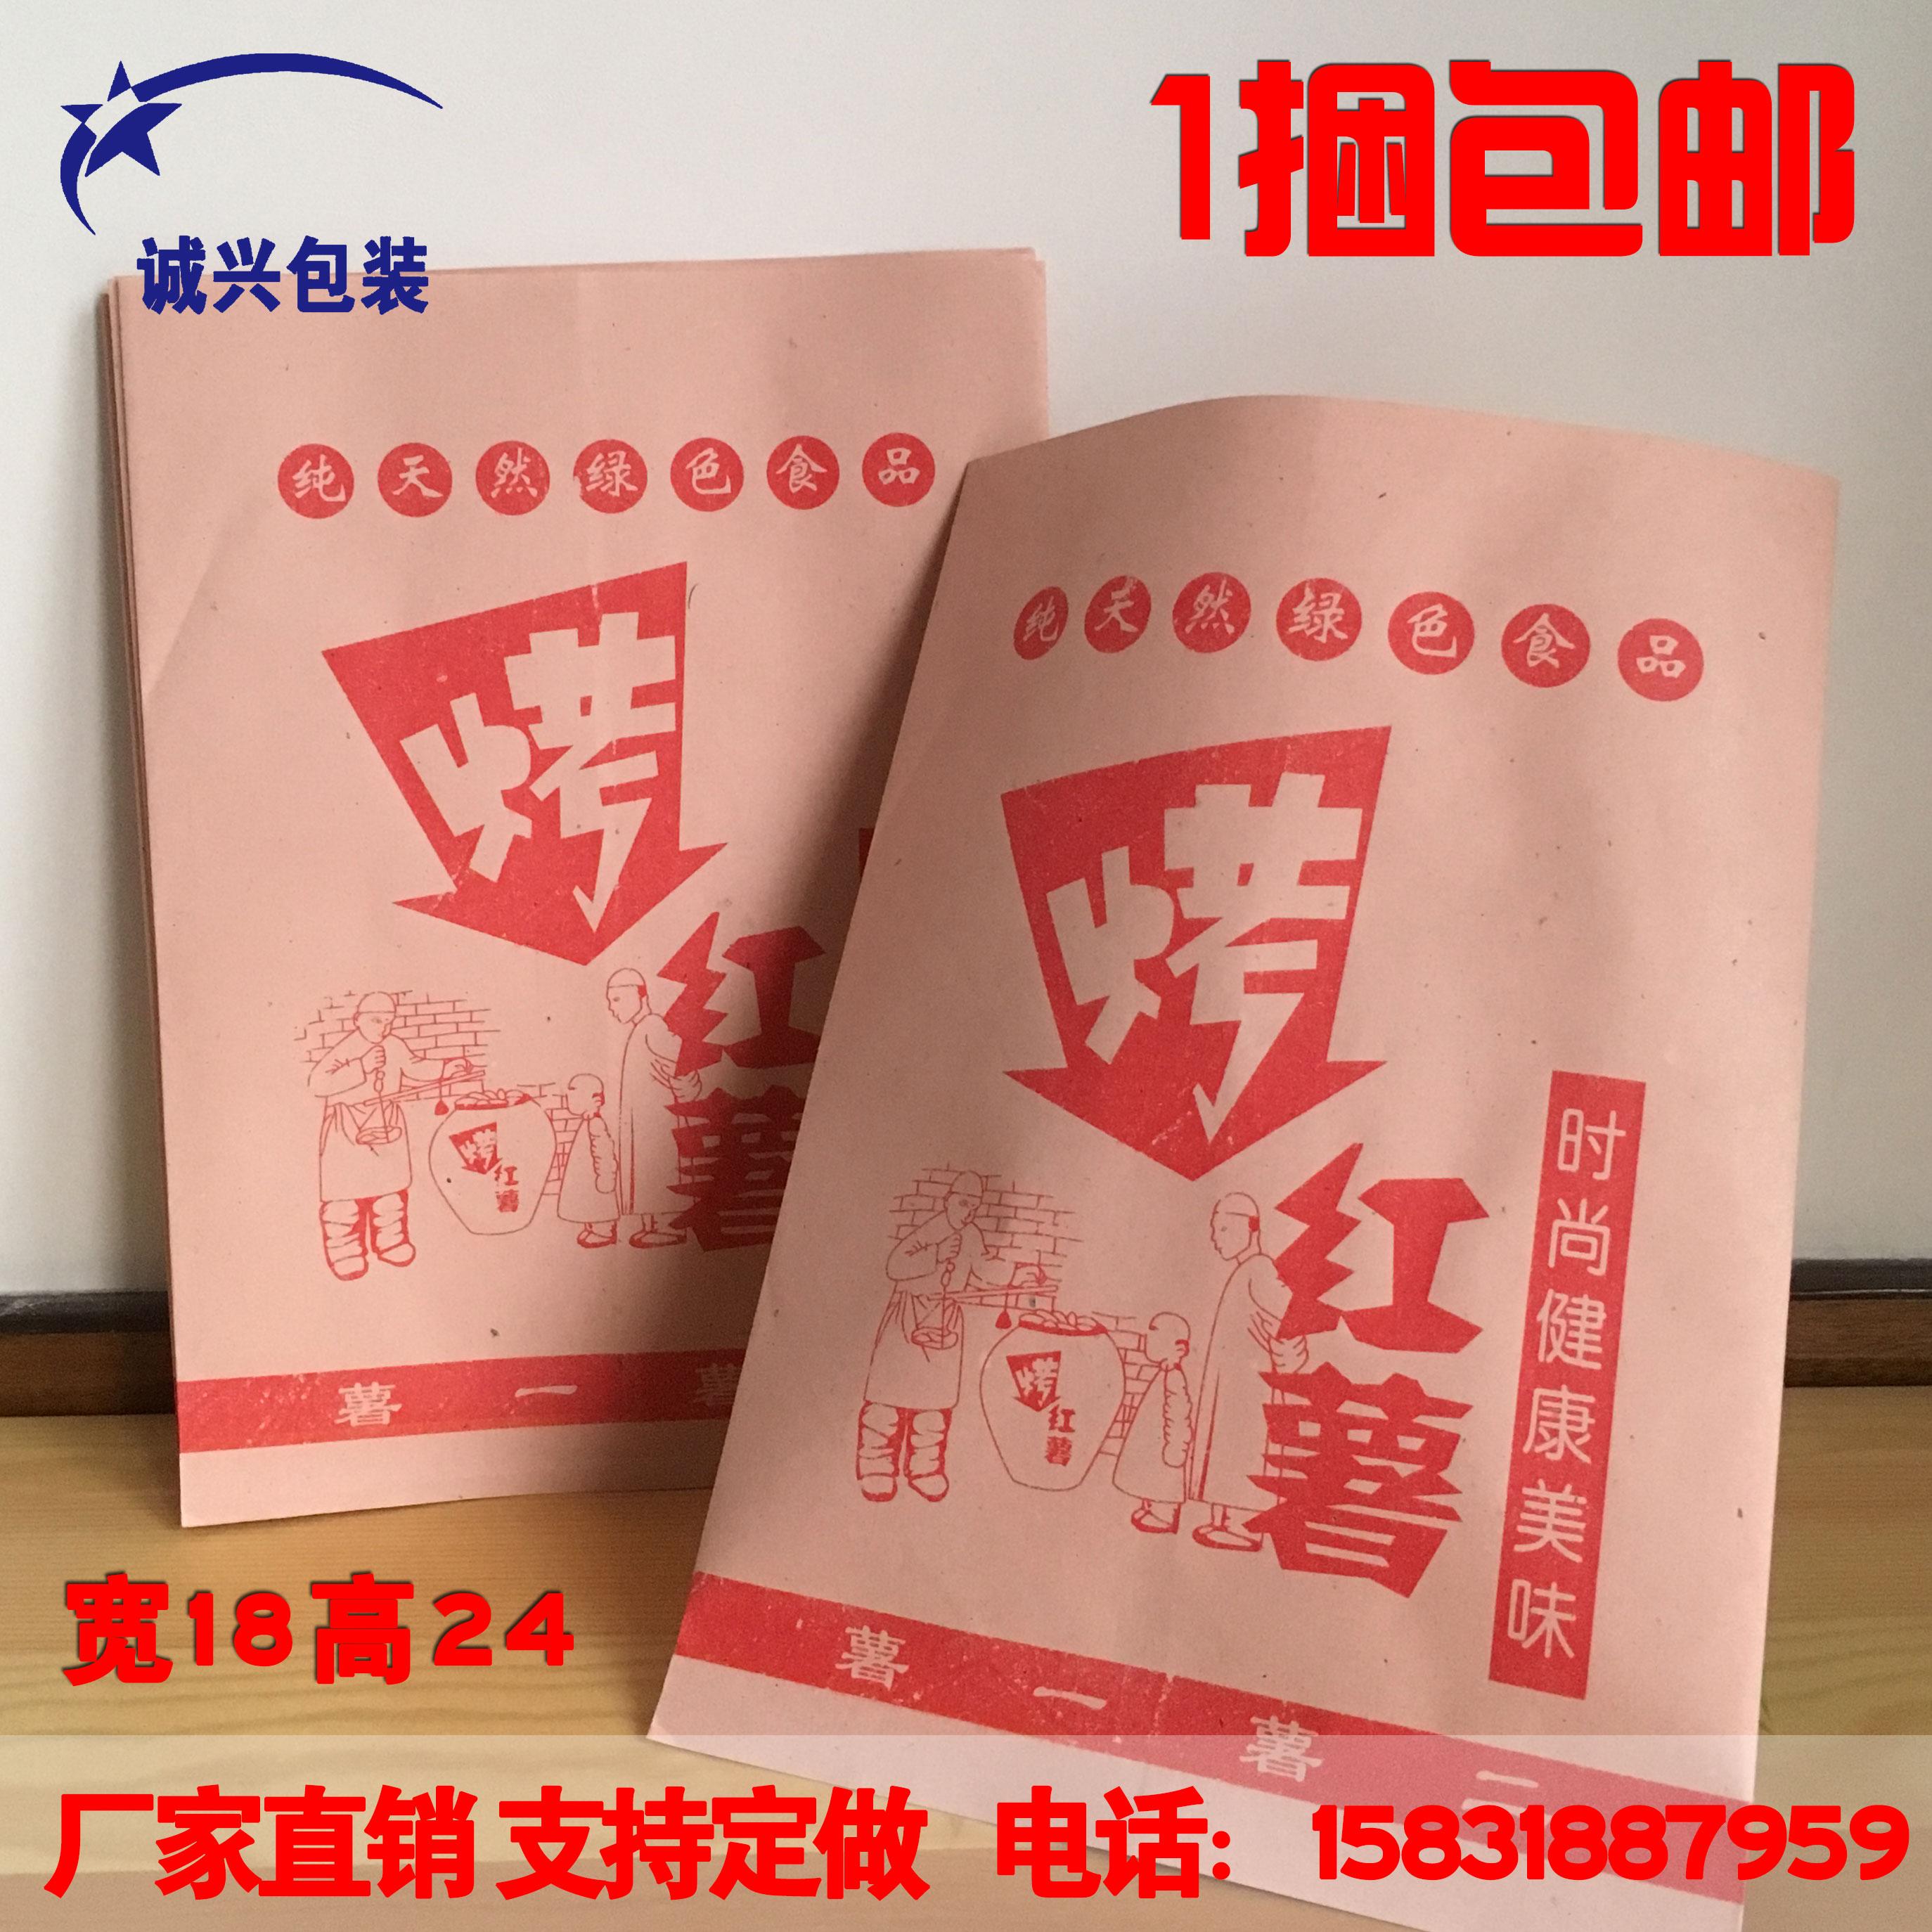 Запеченный красный Бумажный пакет оптовые продажи бесплатная доставка по китаю Жареный мешок из сладкого картофеля для Сумки 18 * 24 пользовательских закусочных